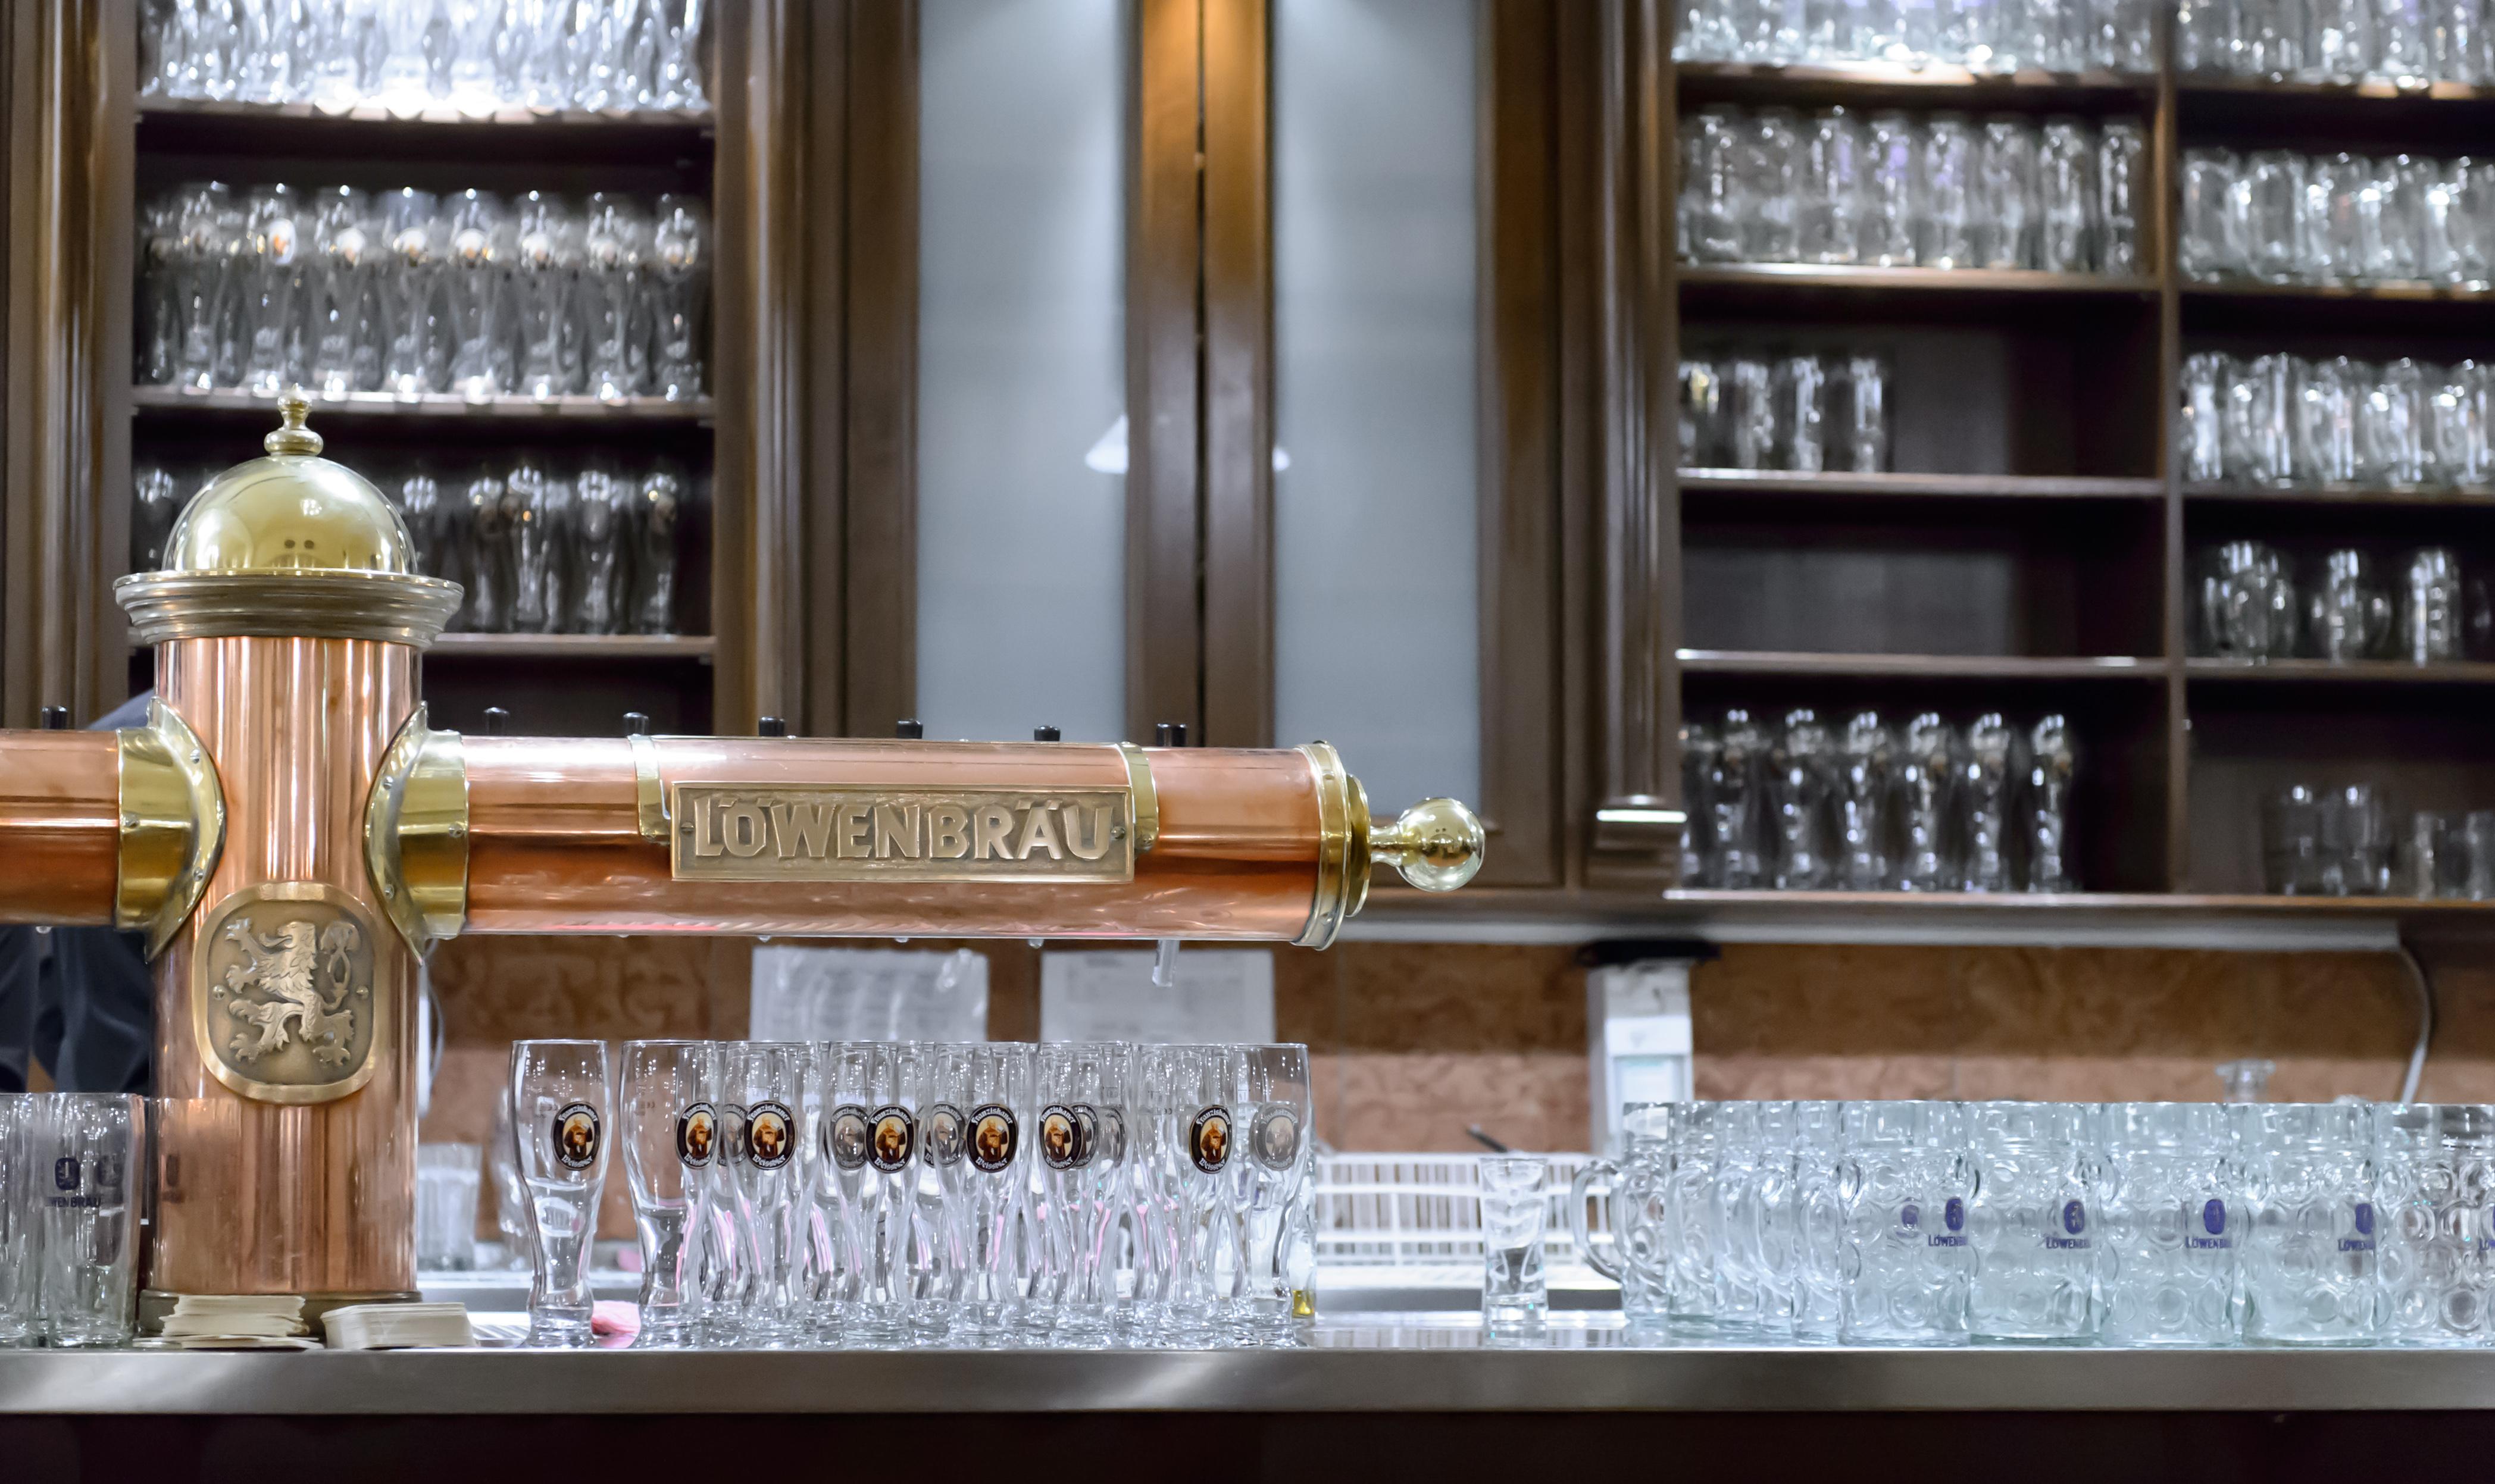 Innenarchitektur Deutschland kostenlose foto restaurant bar nikon möbel bier